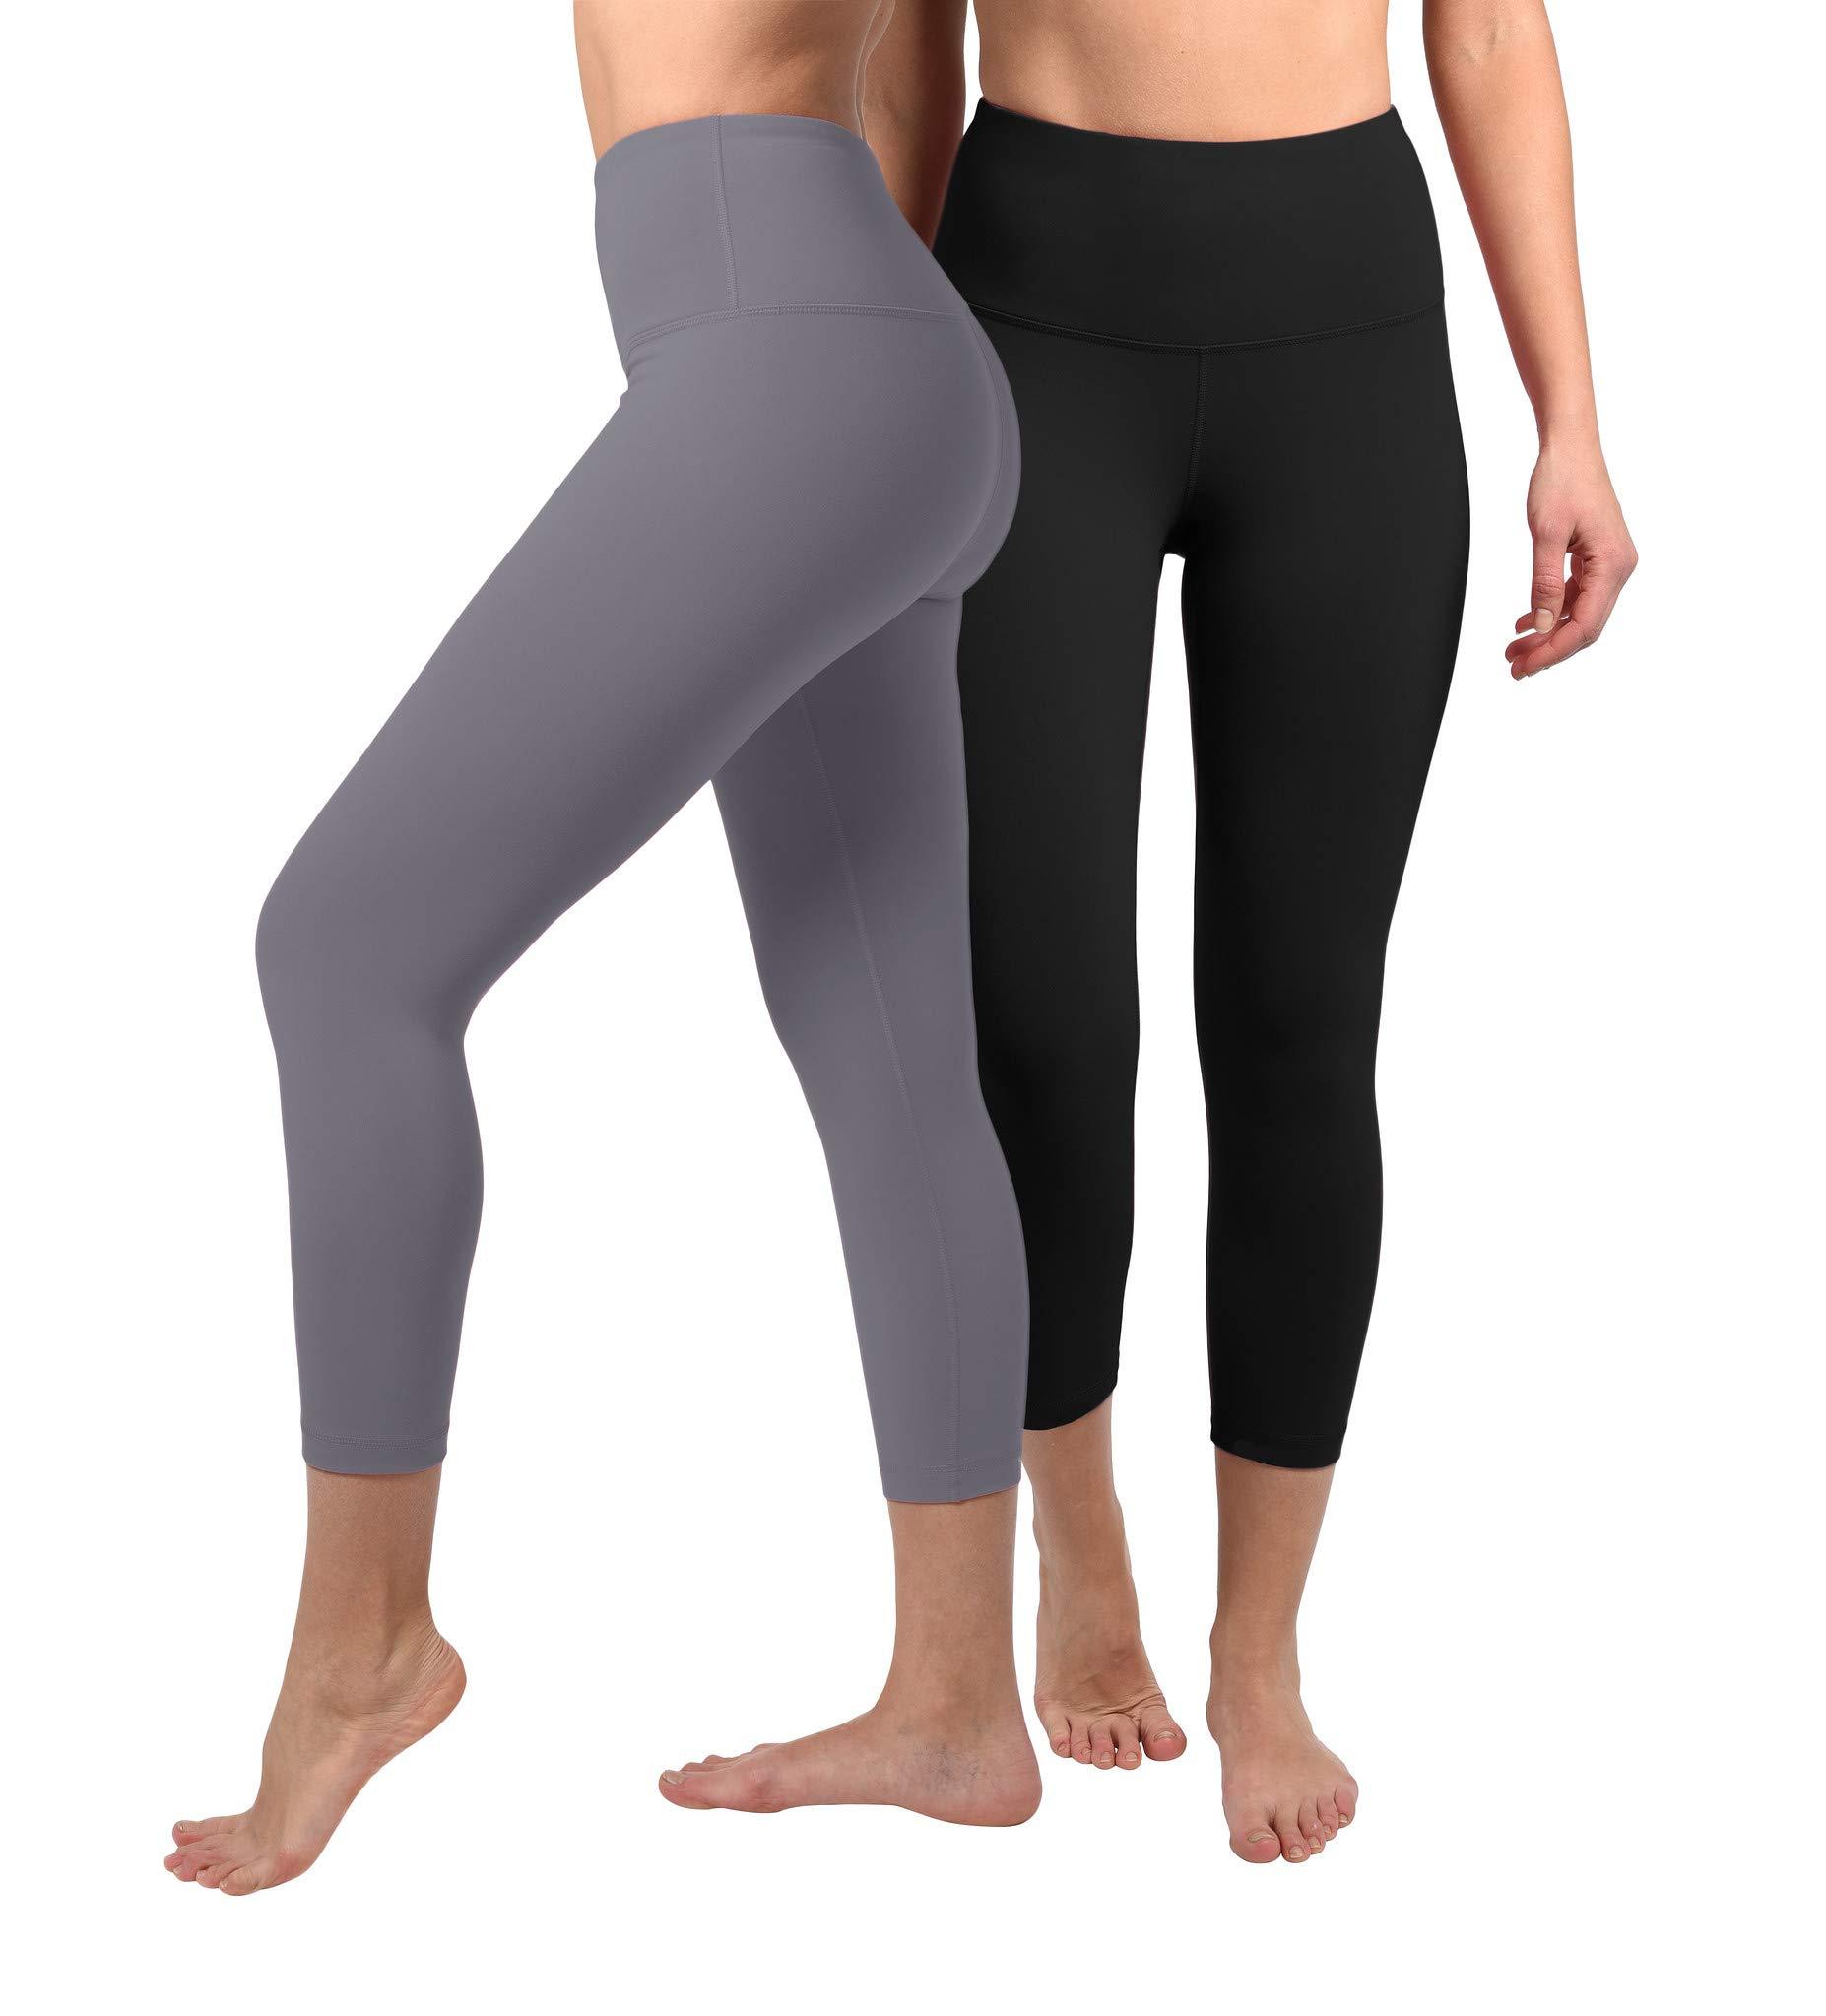 90 Degree By Reflex - High Waist Tummy Control Shapewear - Power Flex Capri - Black and Grey Opal 2 Pack - XS